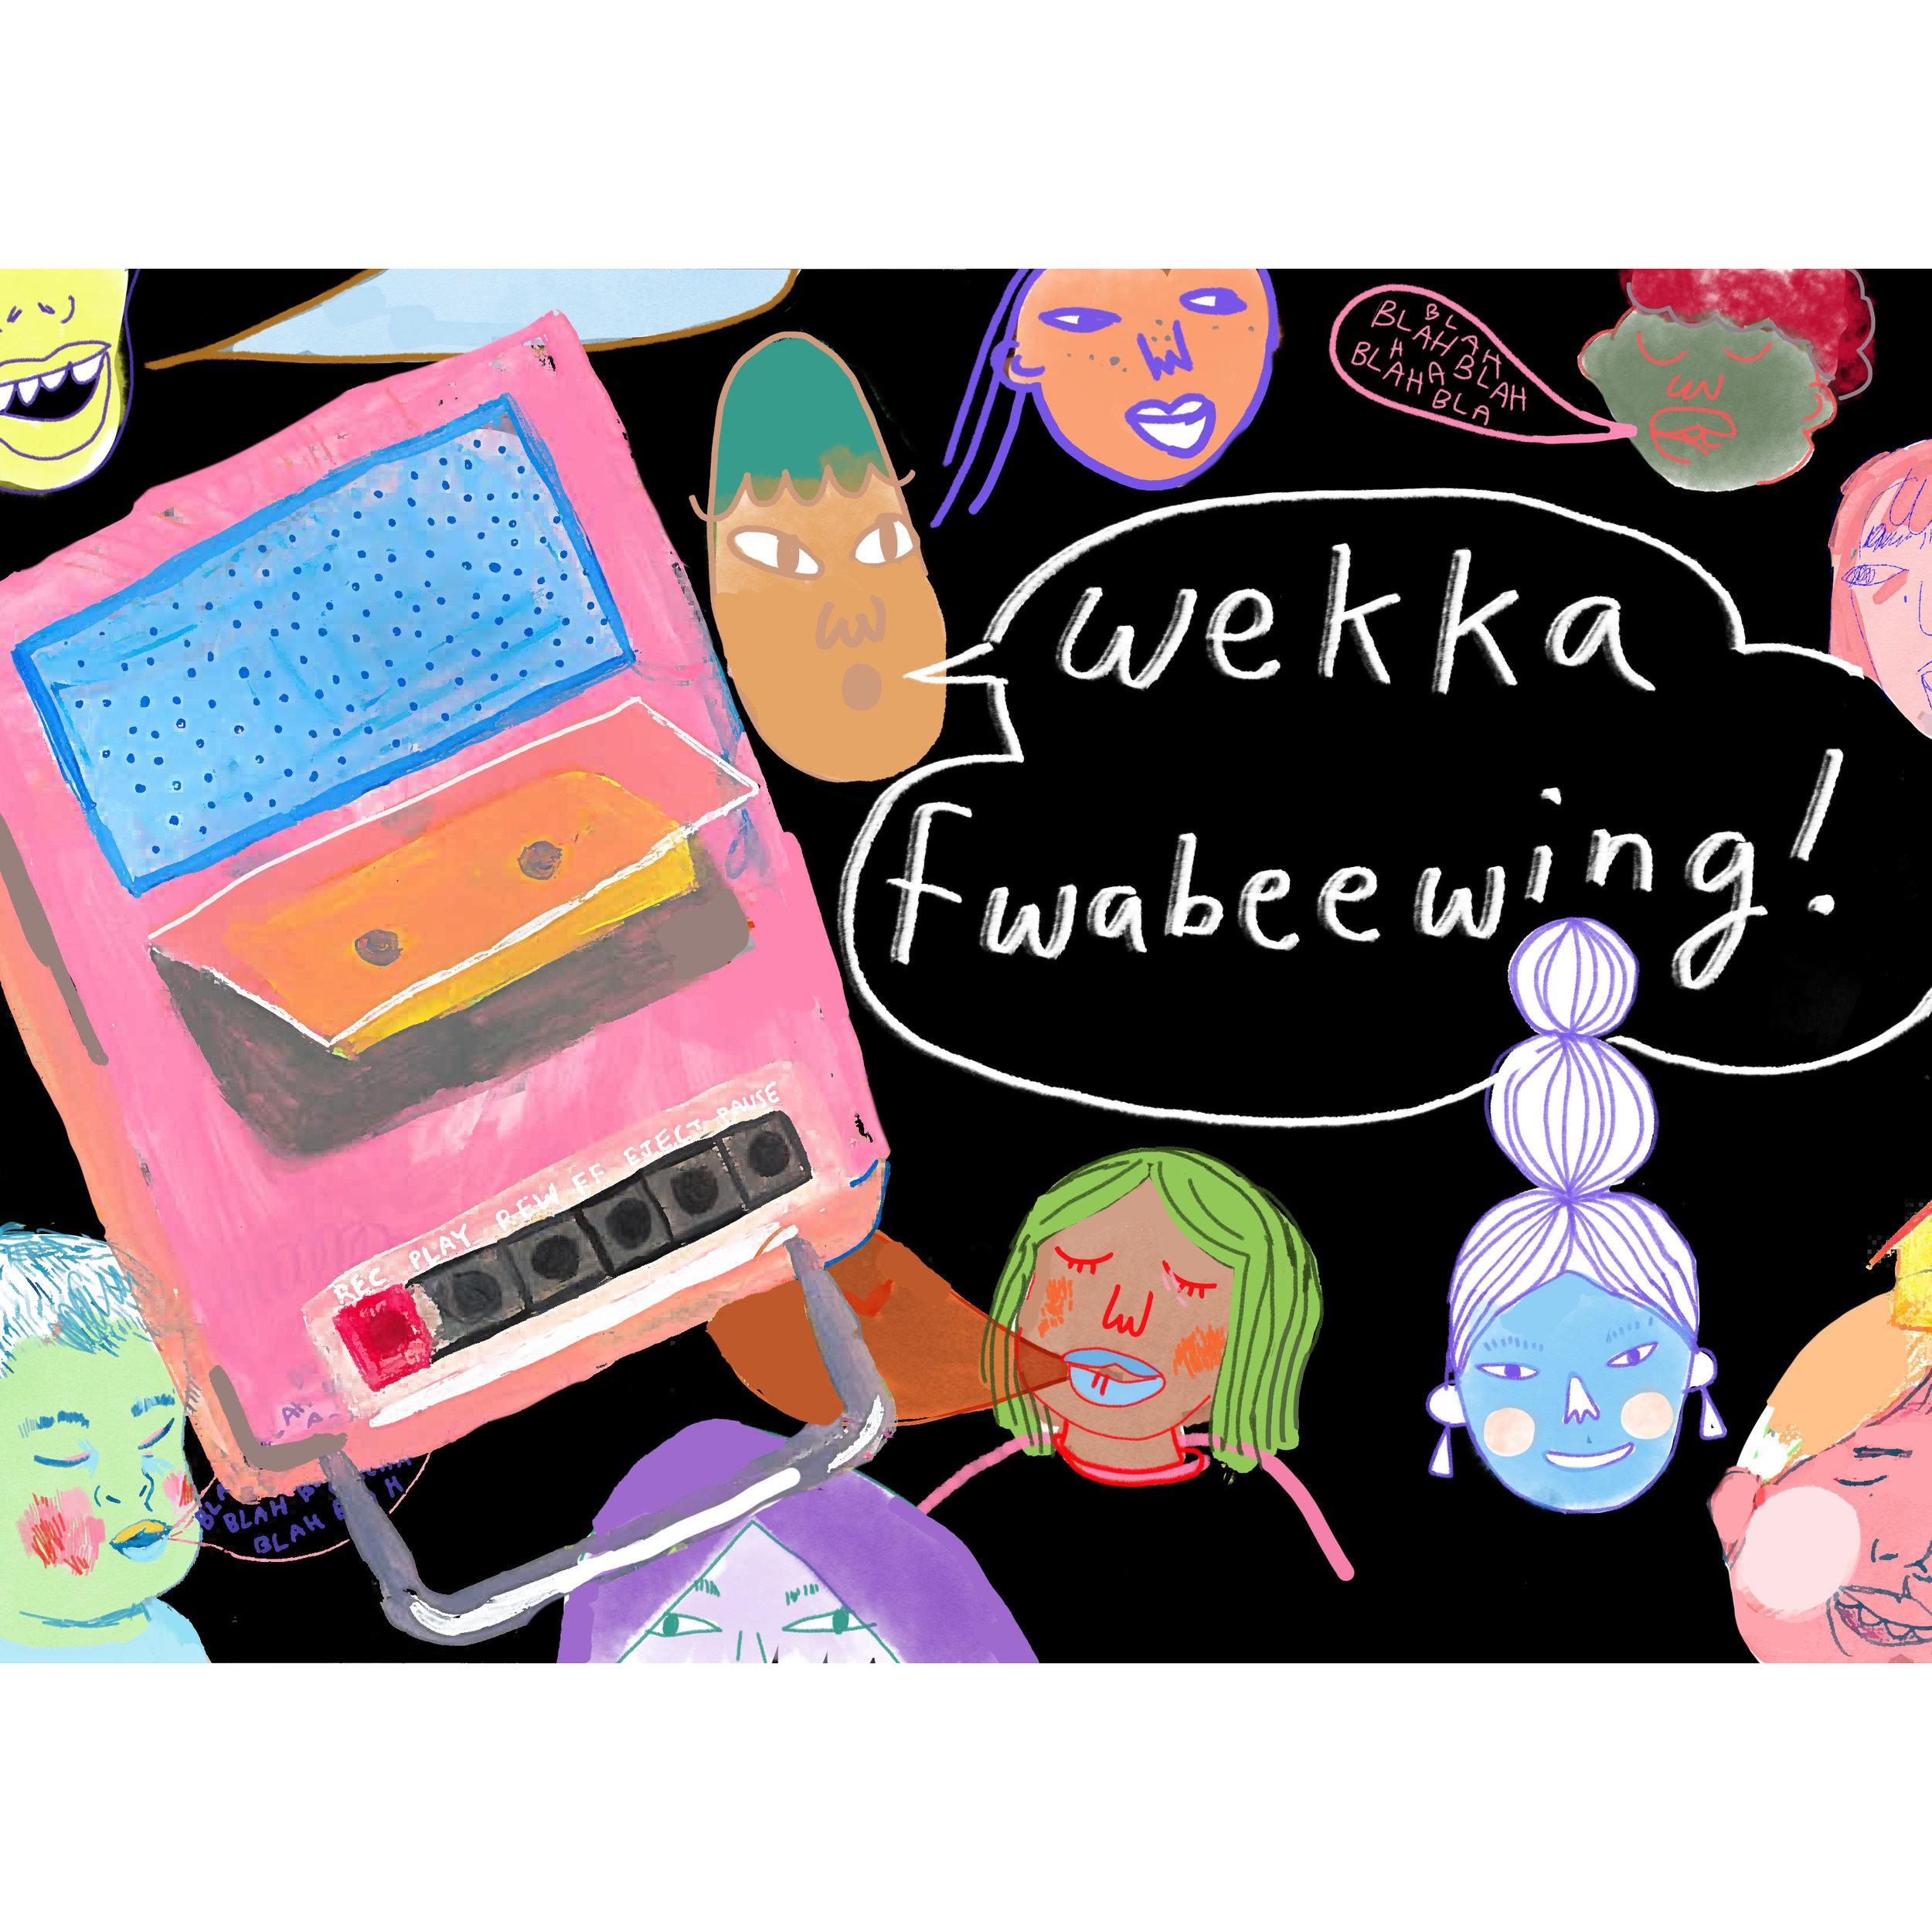 wekka fwabeewing_square.jpg